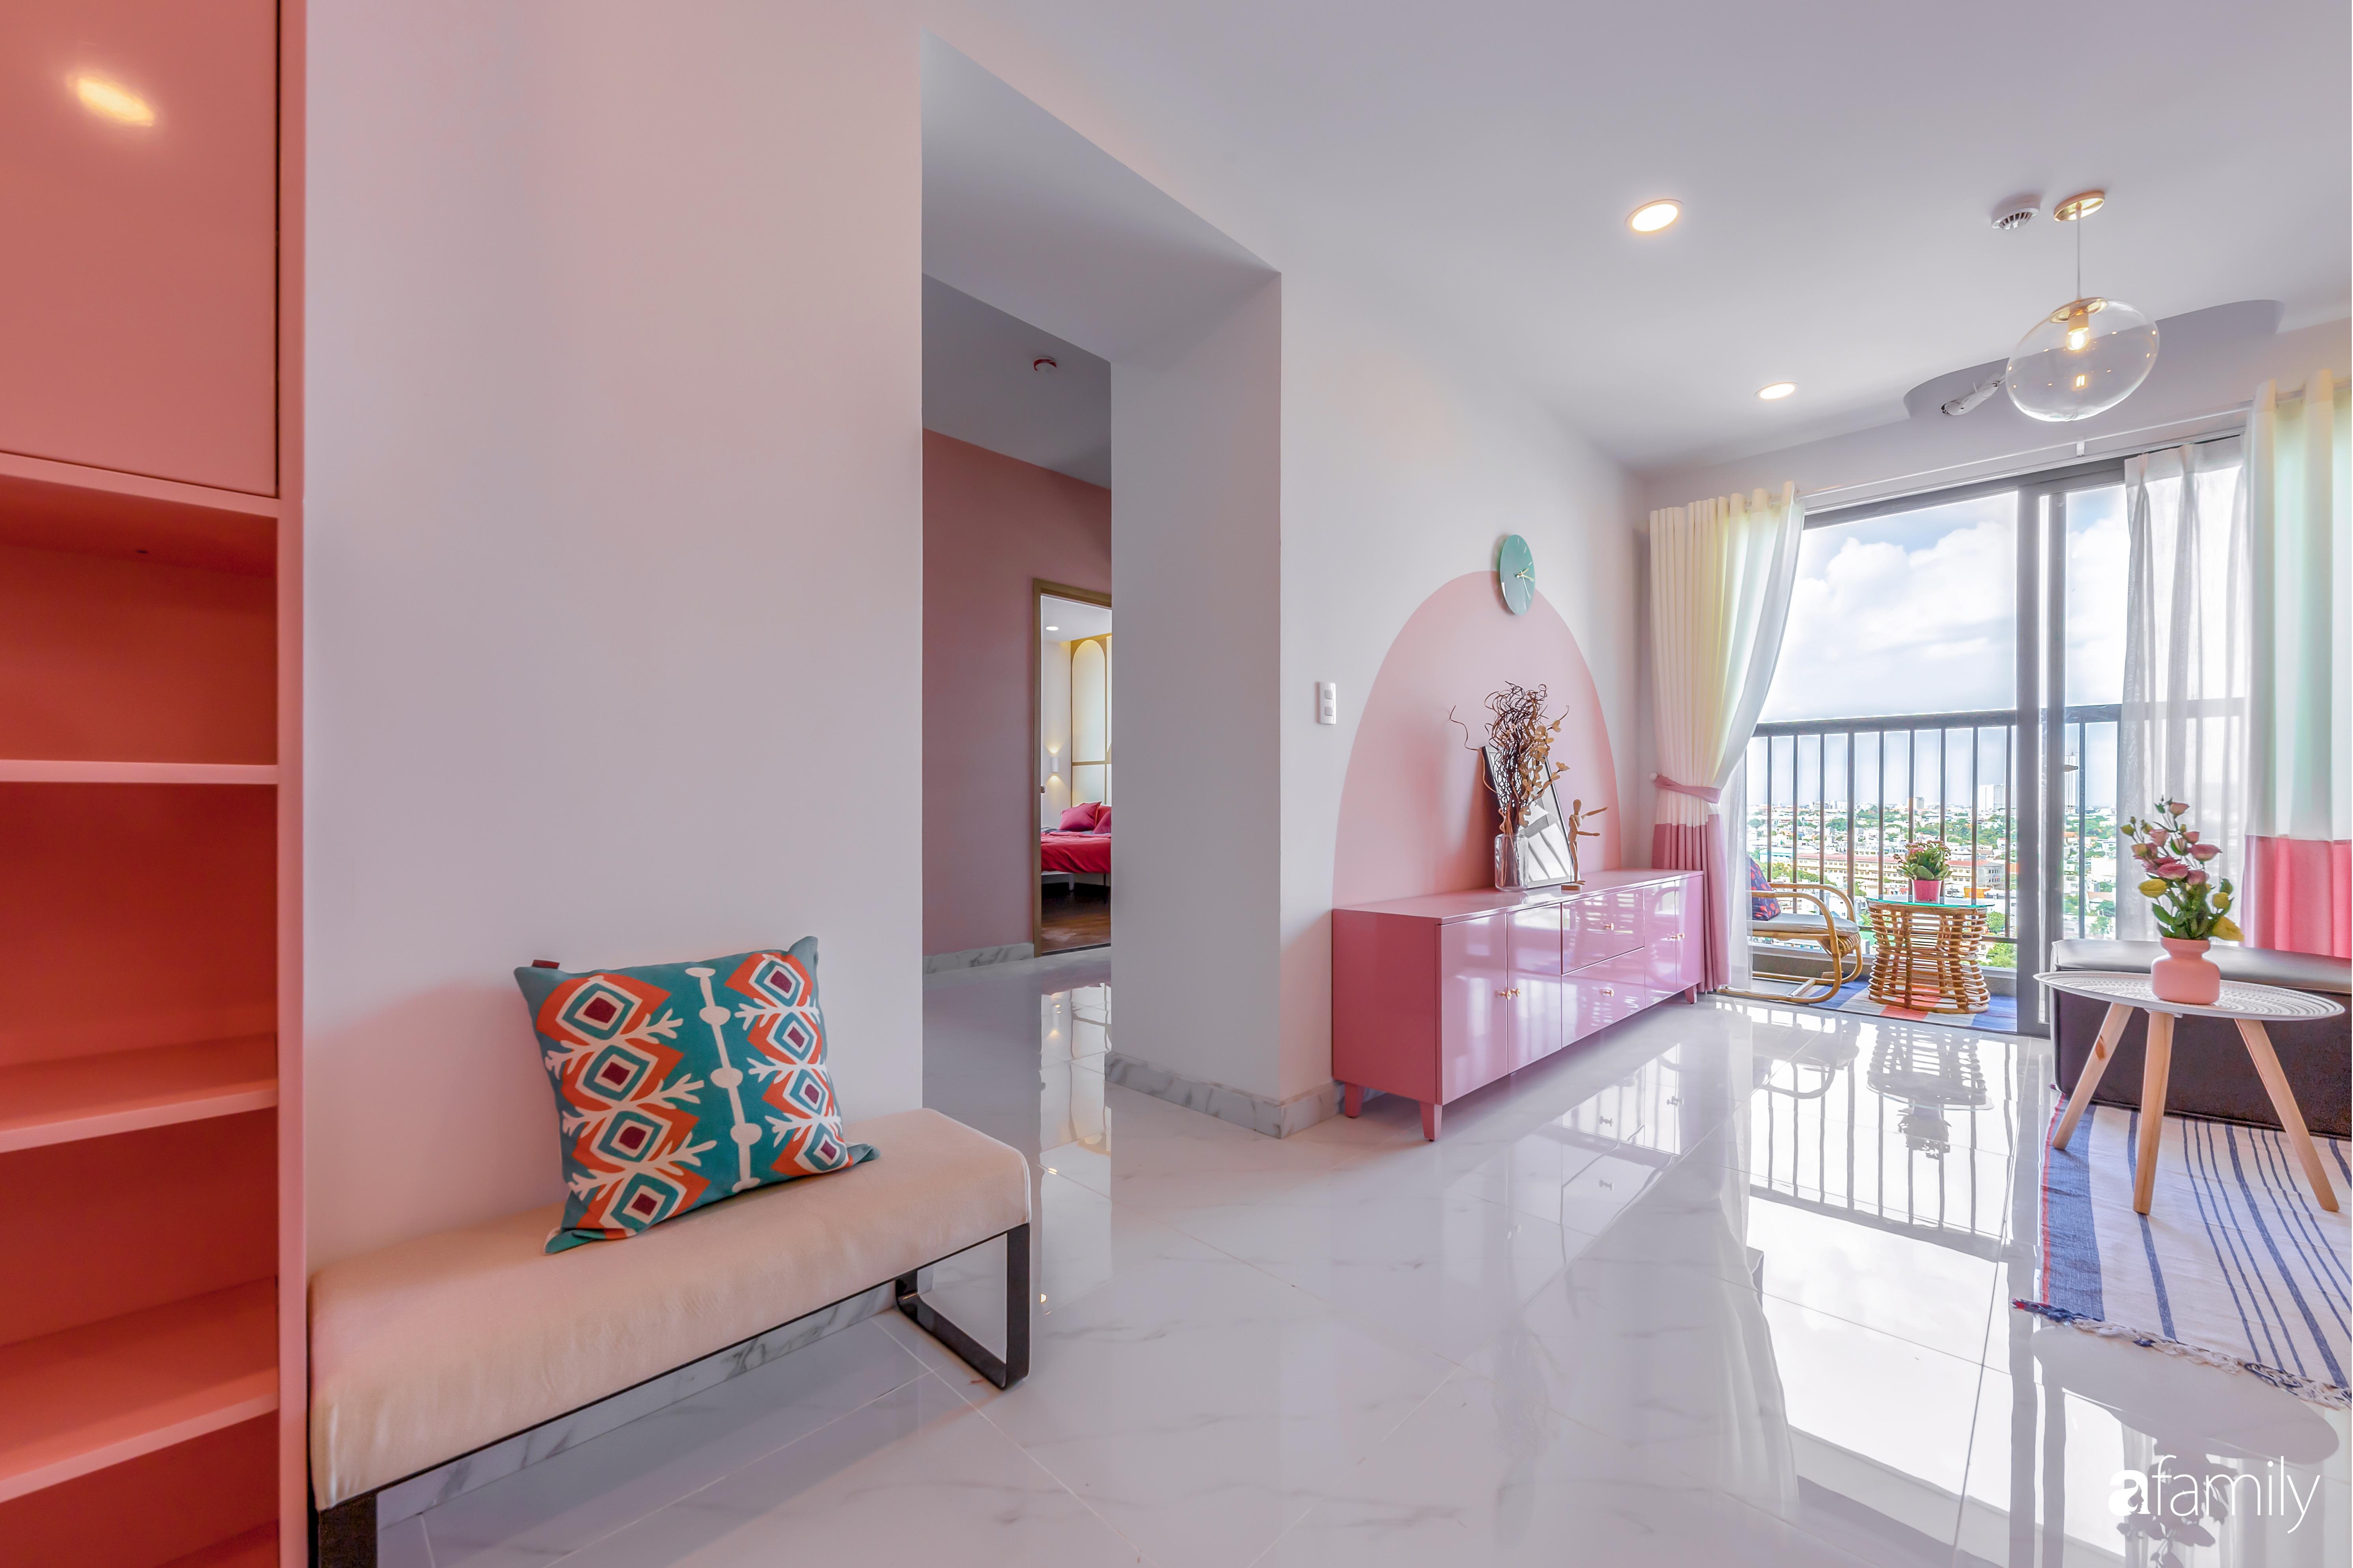 Căn hộ 100m² ngọt ngào khi chọn sắc hồng làm màu chủ đạo có chi phí hoàn thiện 450 triệu đồng ở TP HCM - Ảnh 1.